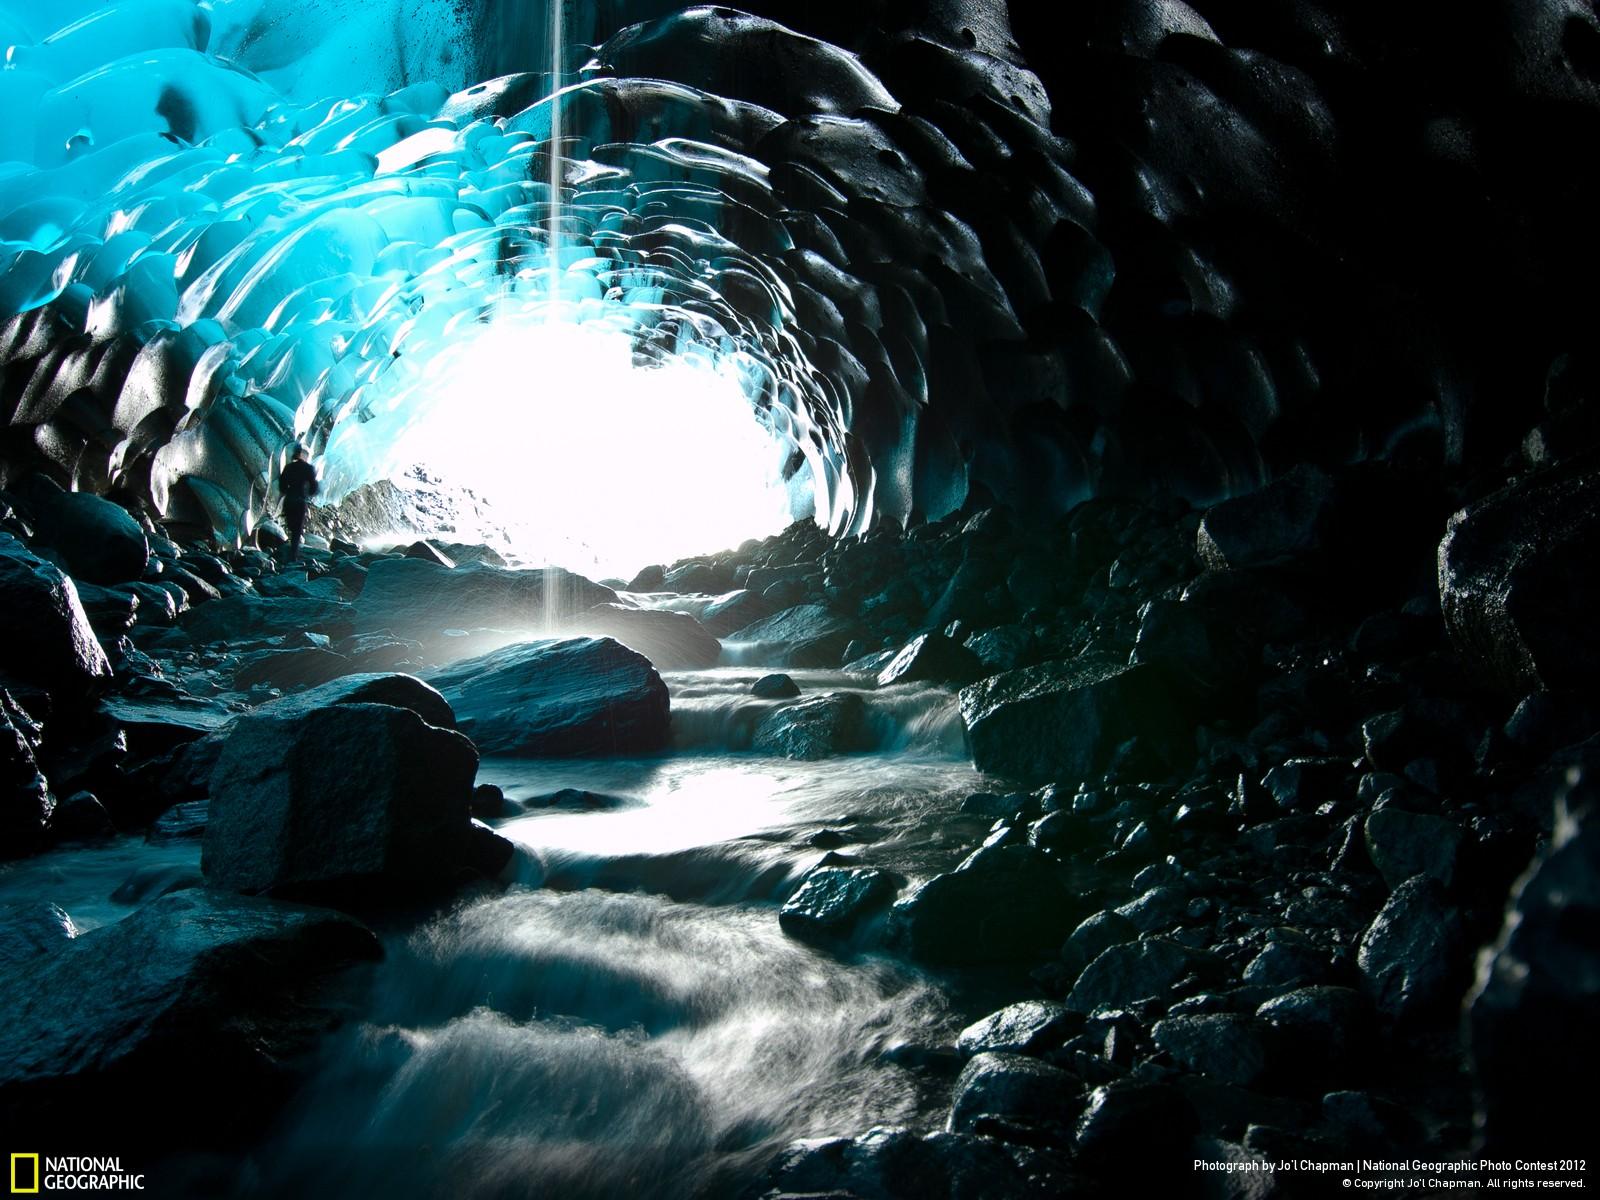 11 Лучшие фотографии за 2012 год по версии National Geographic